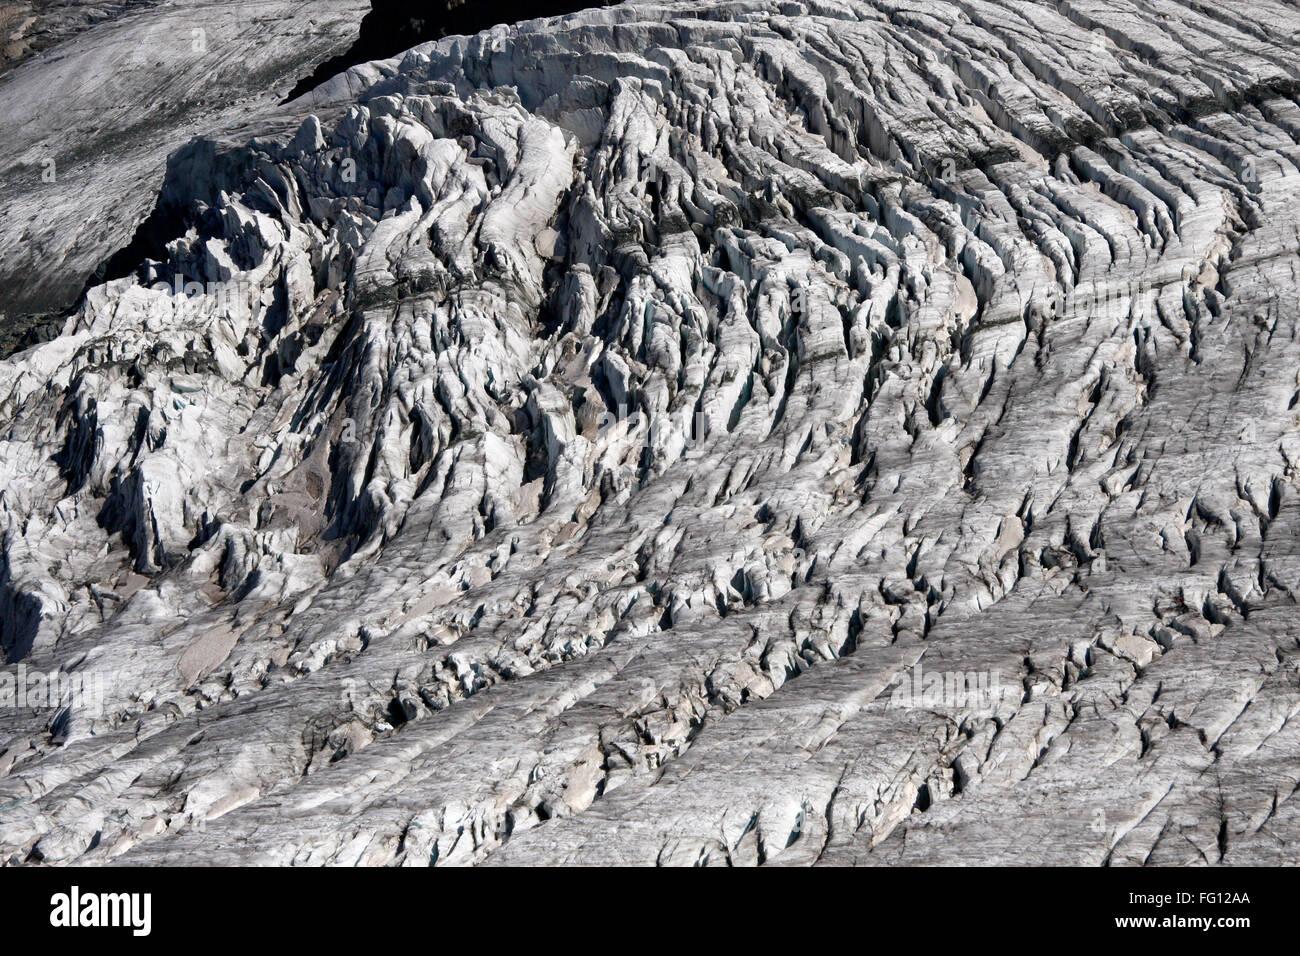 Thedodulgletscher am kleinen Matterhorn. - Stock Image